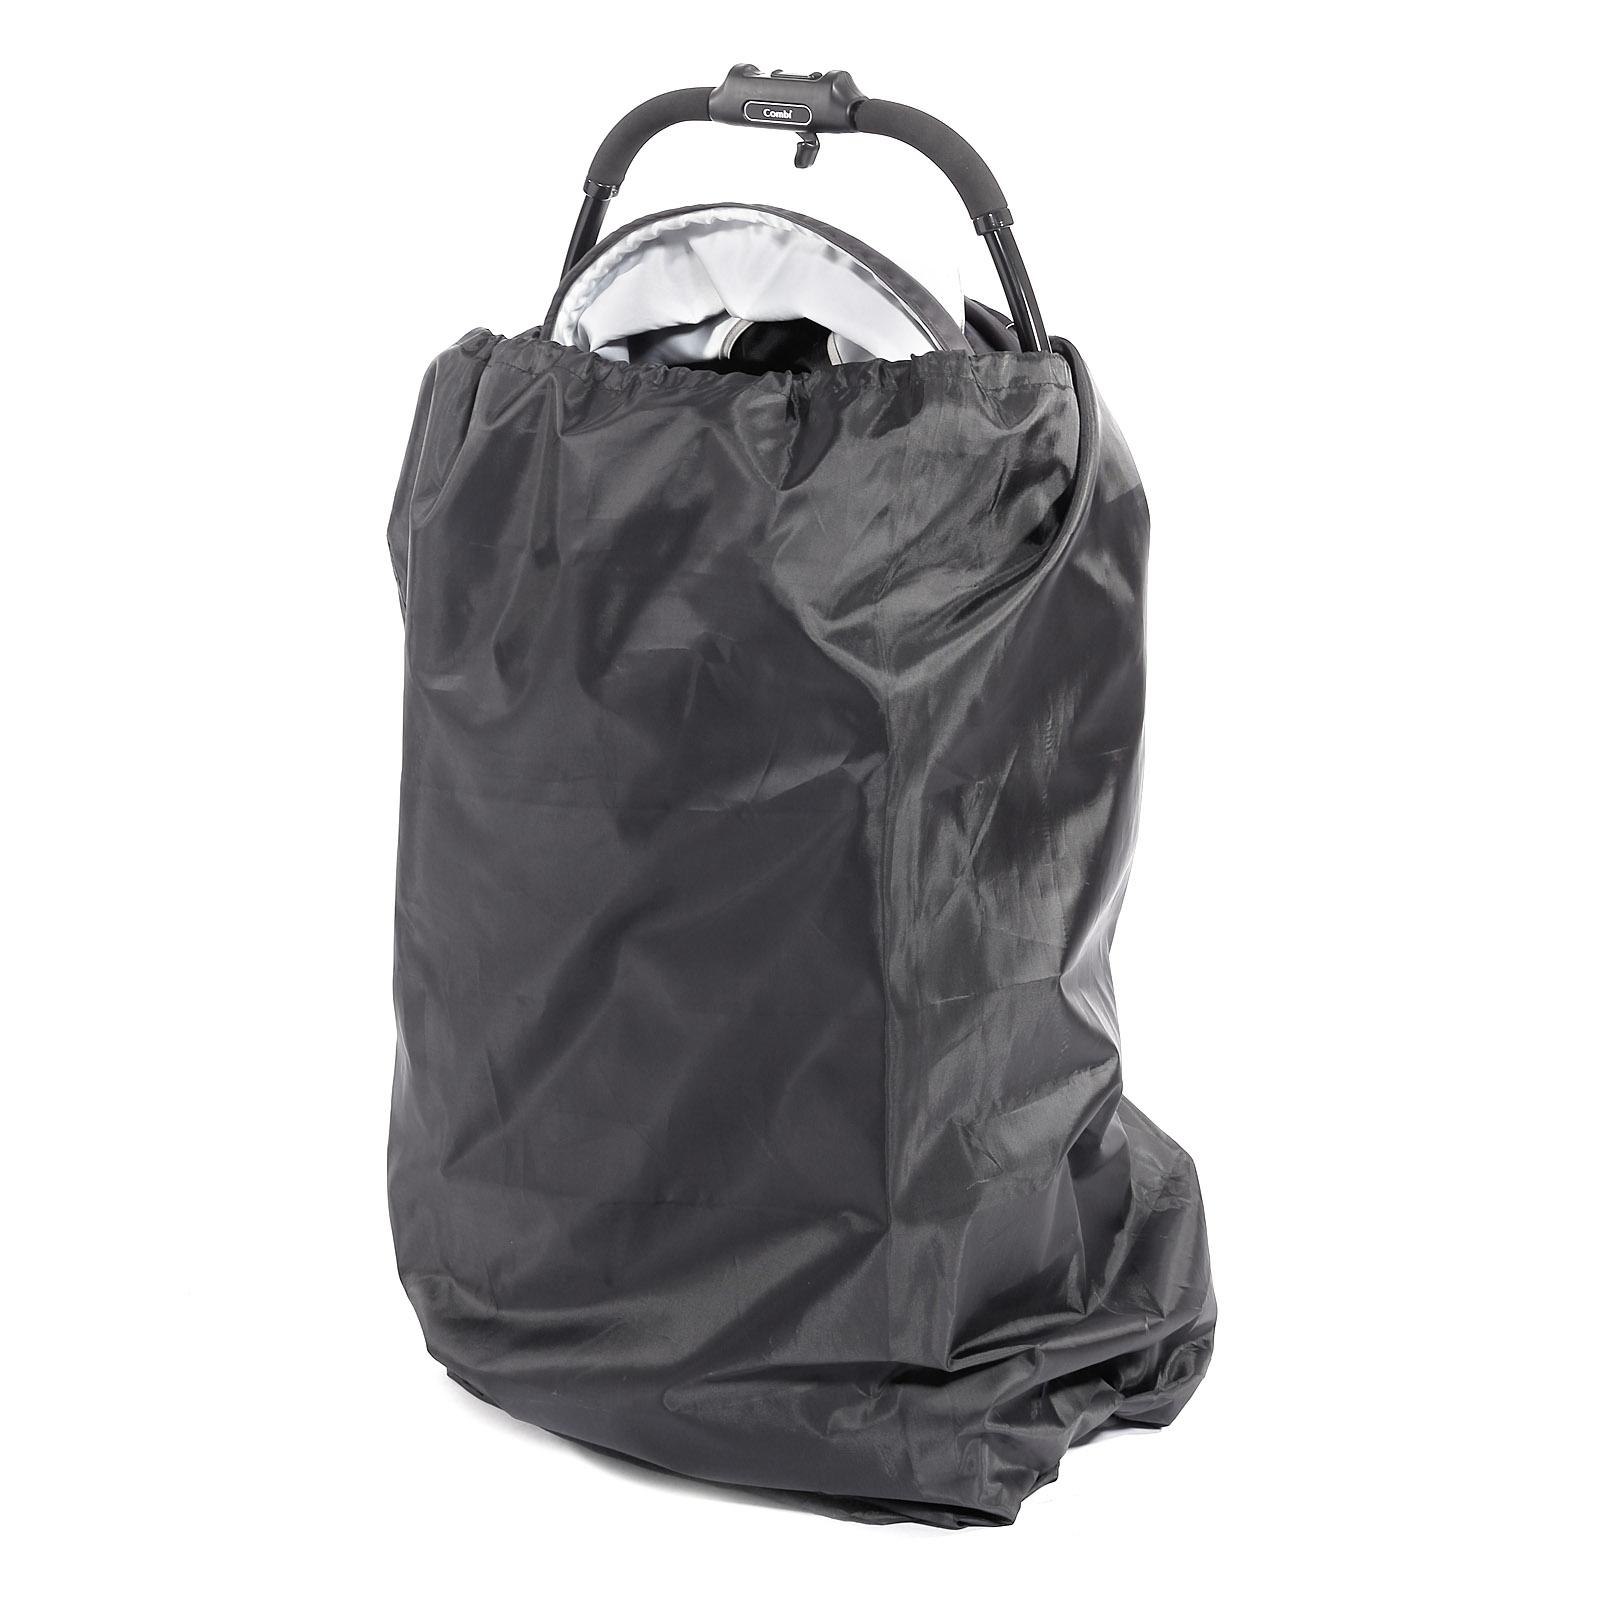 Kinderwagen Transporttasche Tragetasche für Reise Bahnhof Autofahrten Qooo NEU